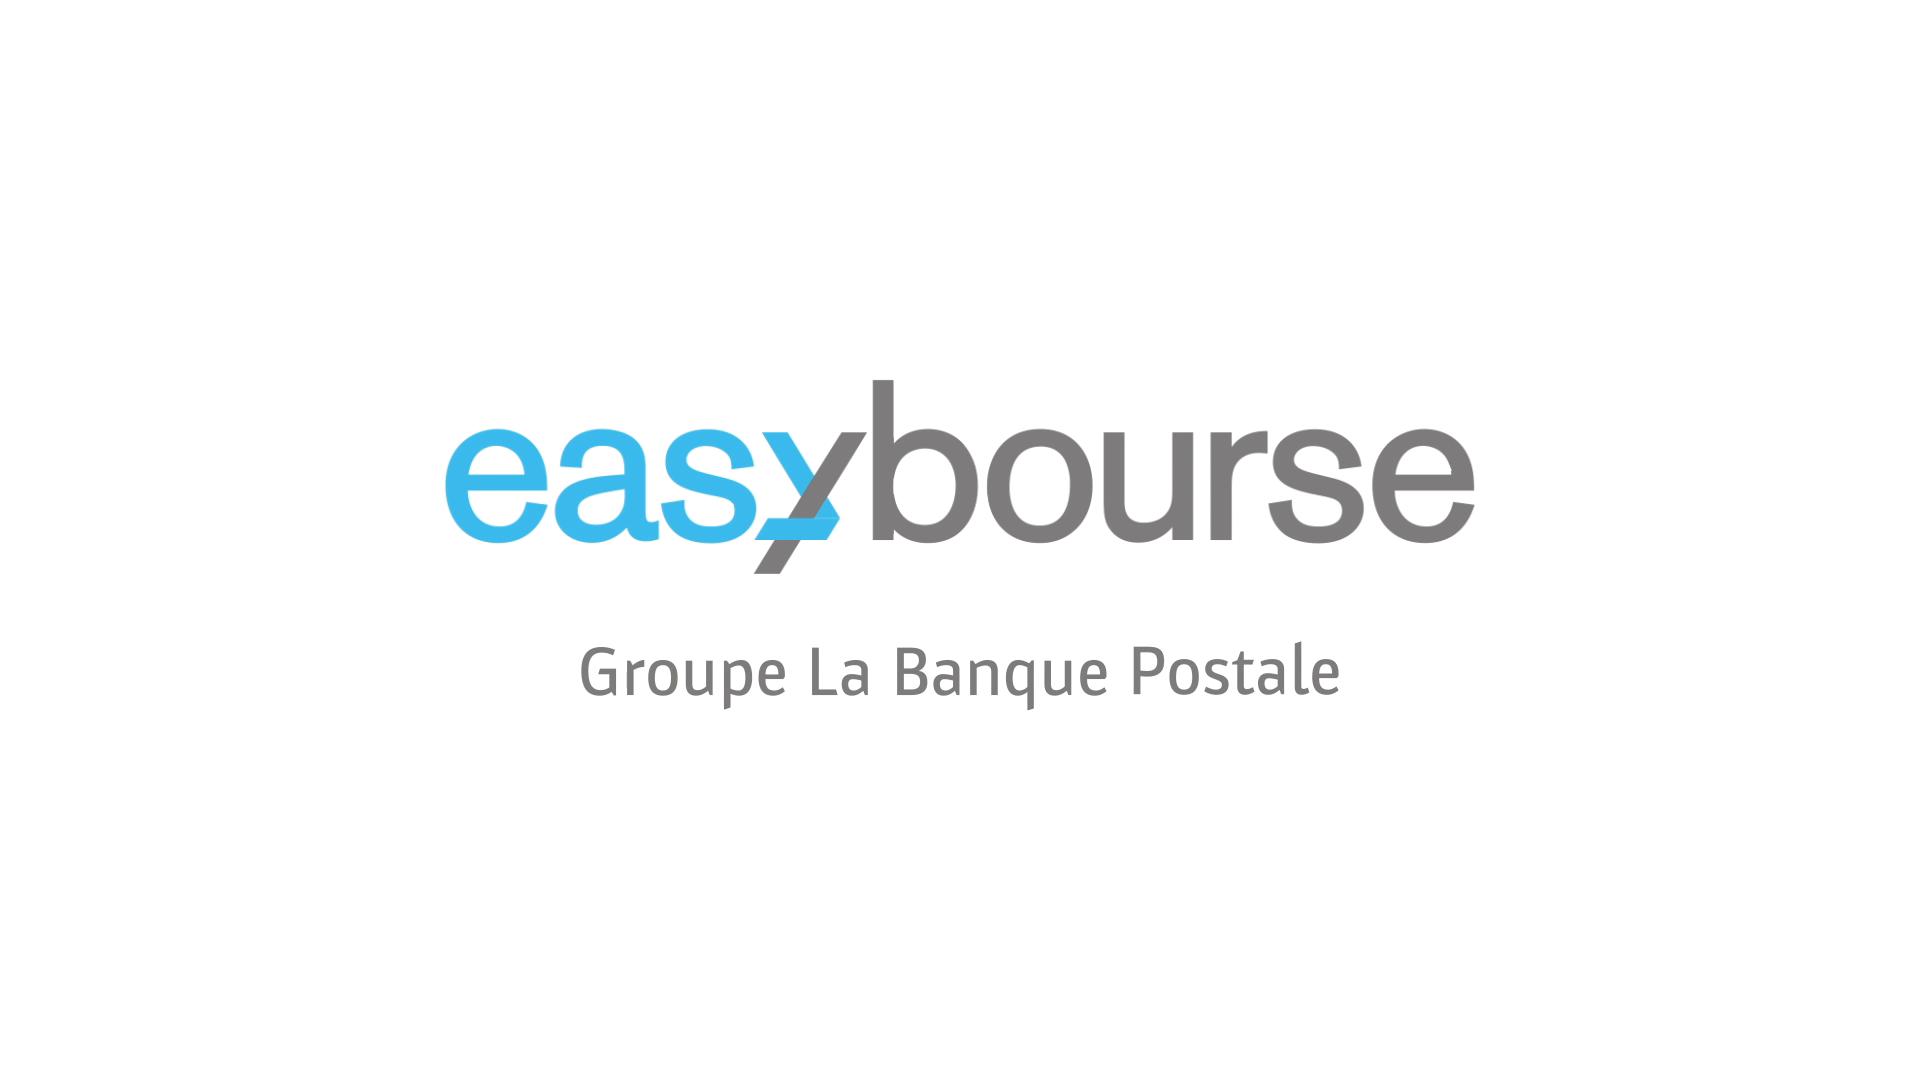 Easy bourse